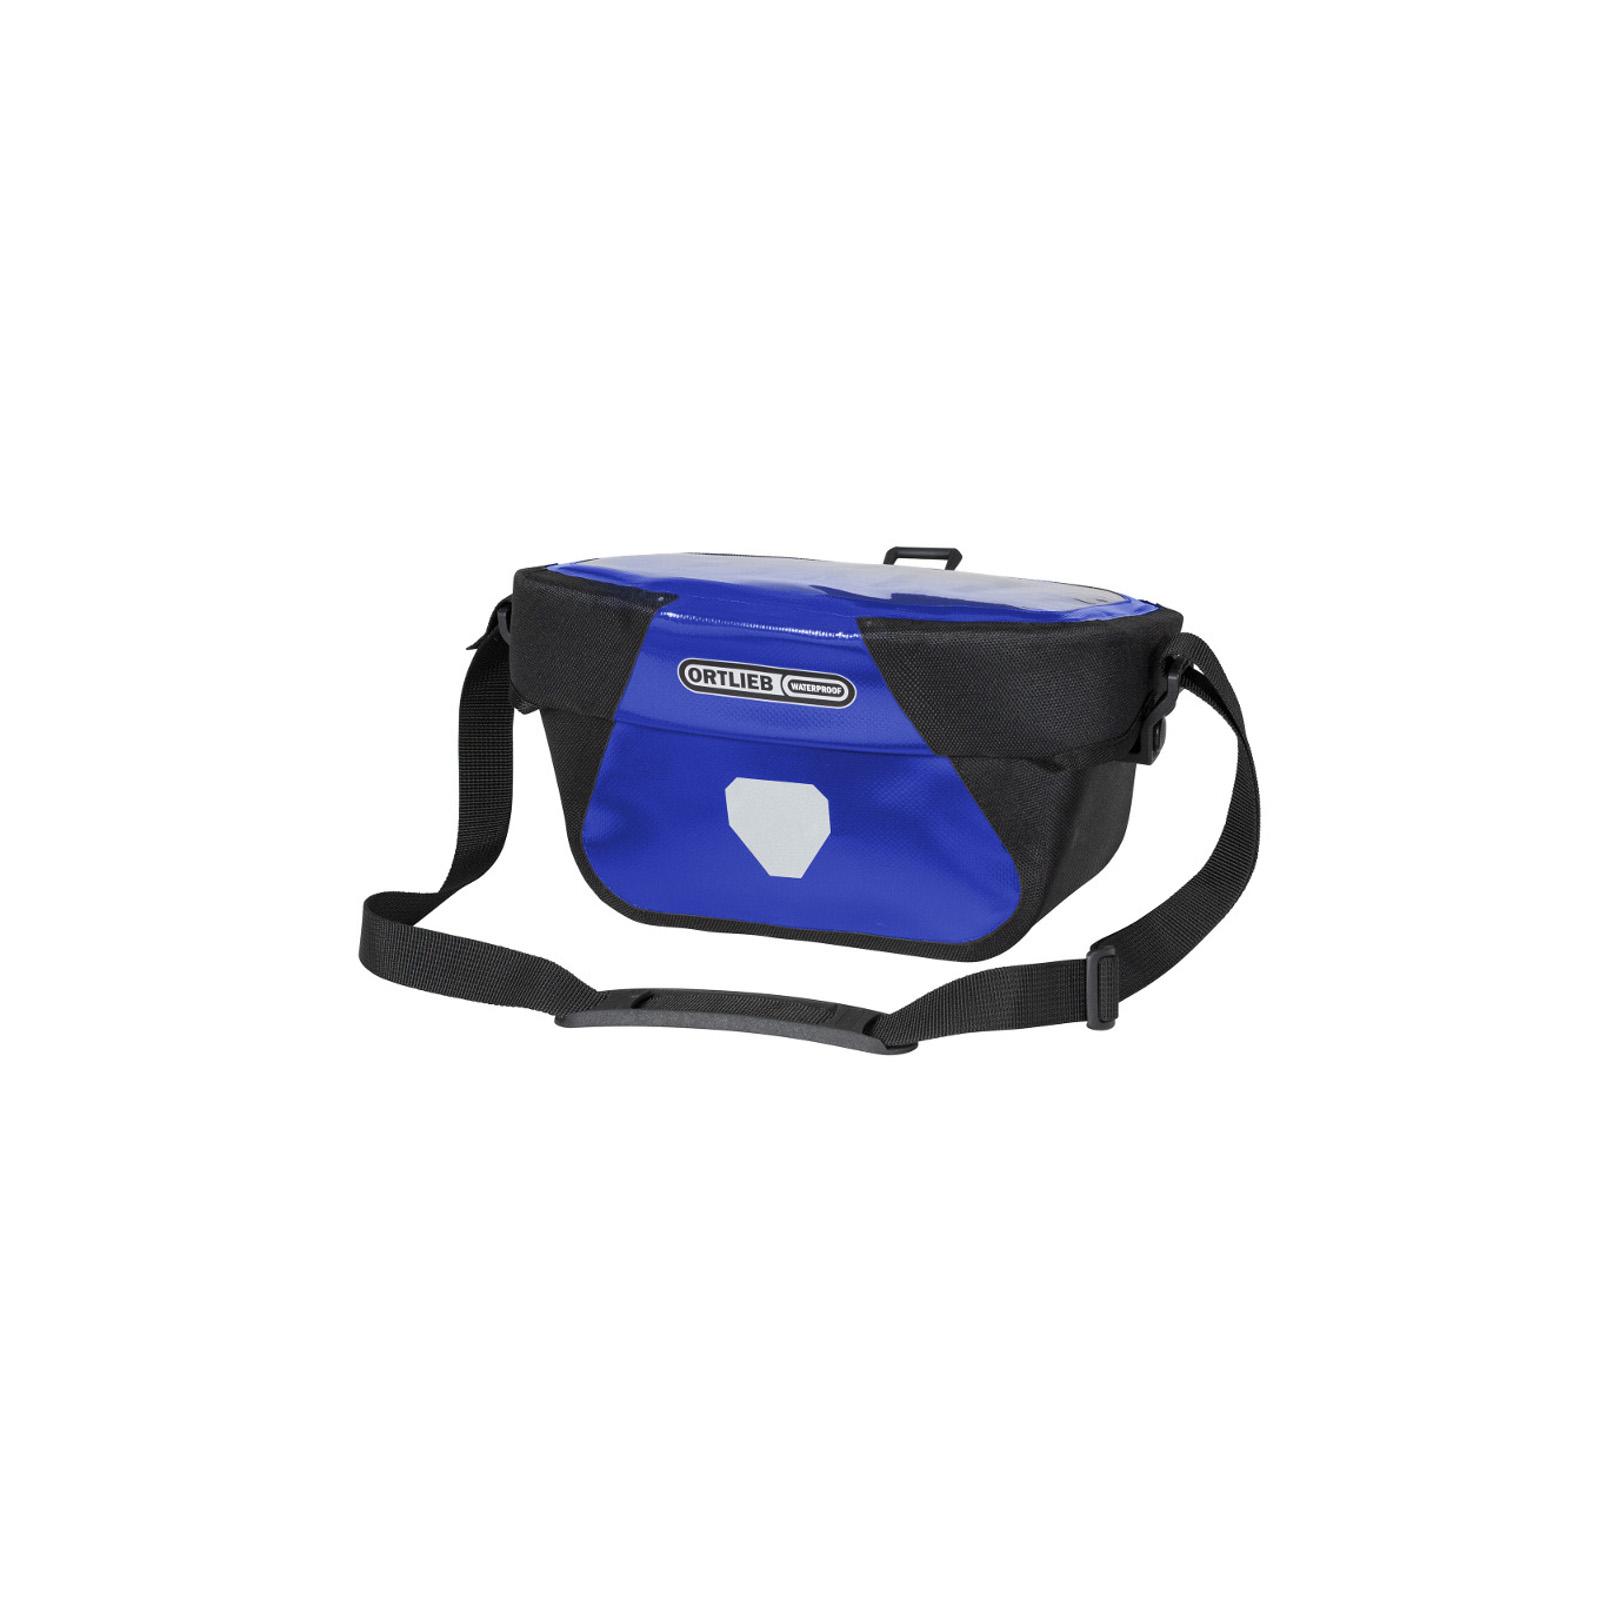 Ortlieb Ultimate6 S Classic blau